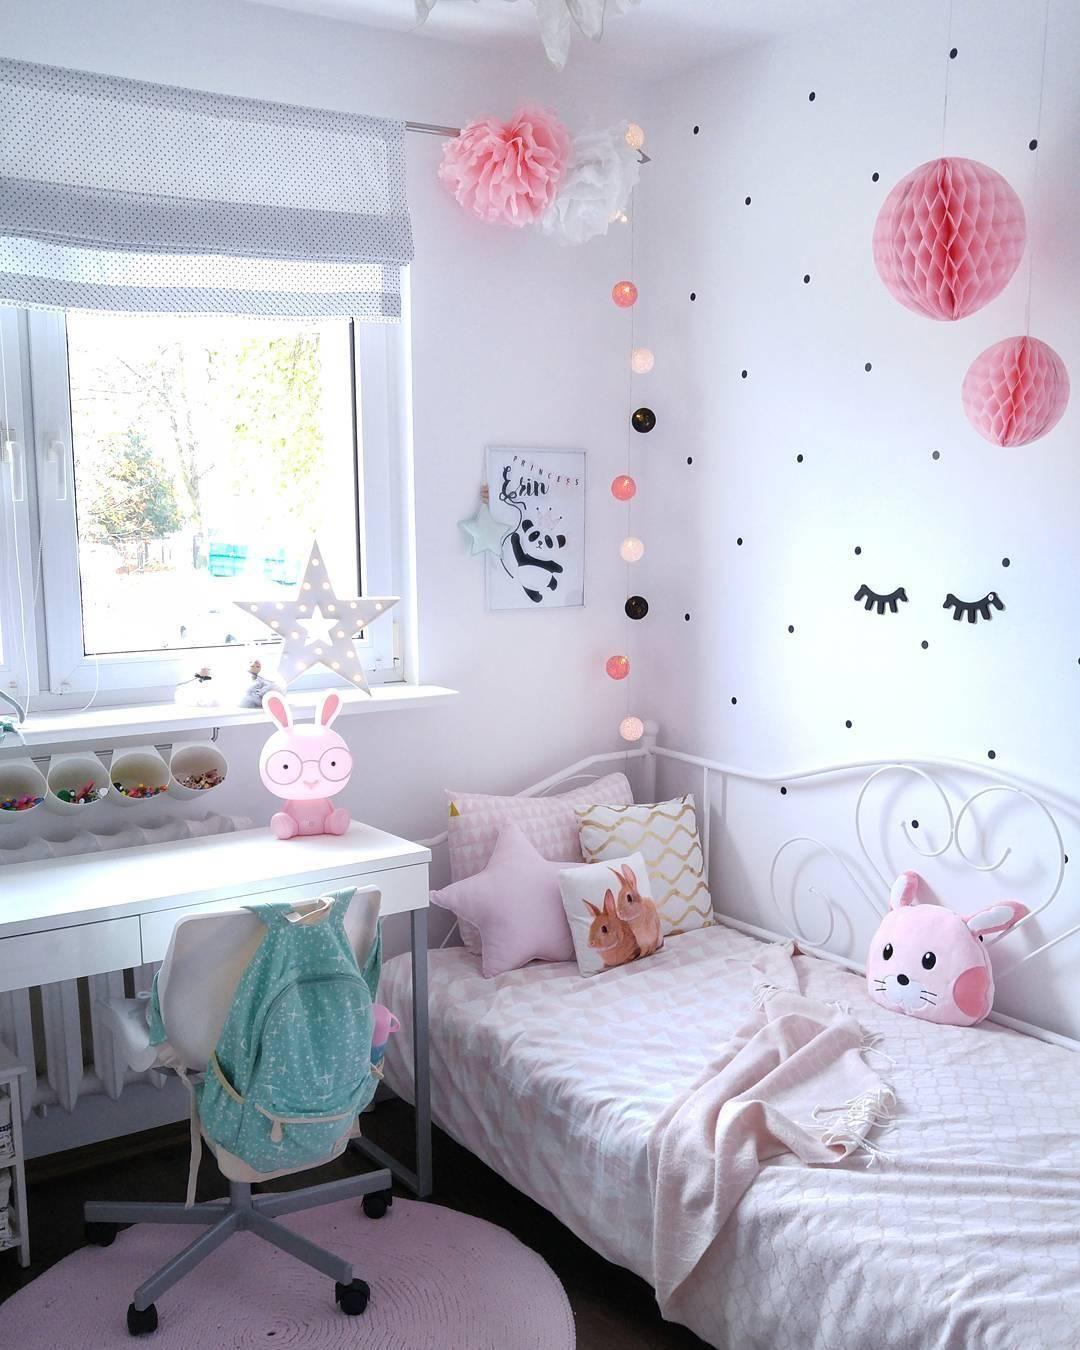 absoluter m dchentraum bei dem liebevoll eingerichtetem kinderzimmer f hlt sich jeder wohl. Black Bedroom Furniture Sets. Home Design Ideas